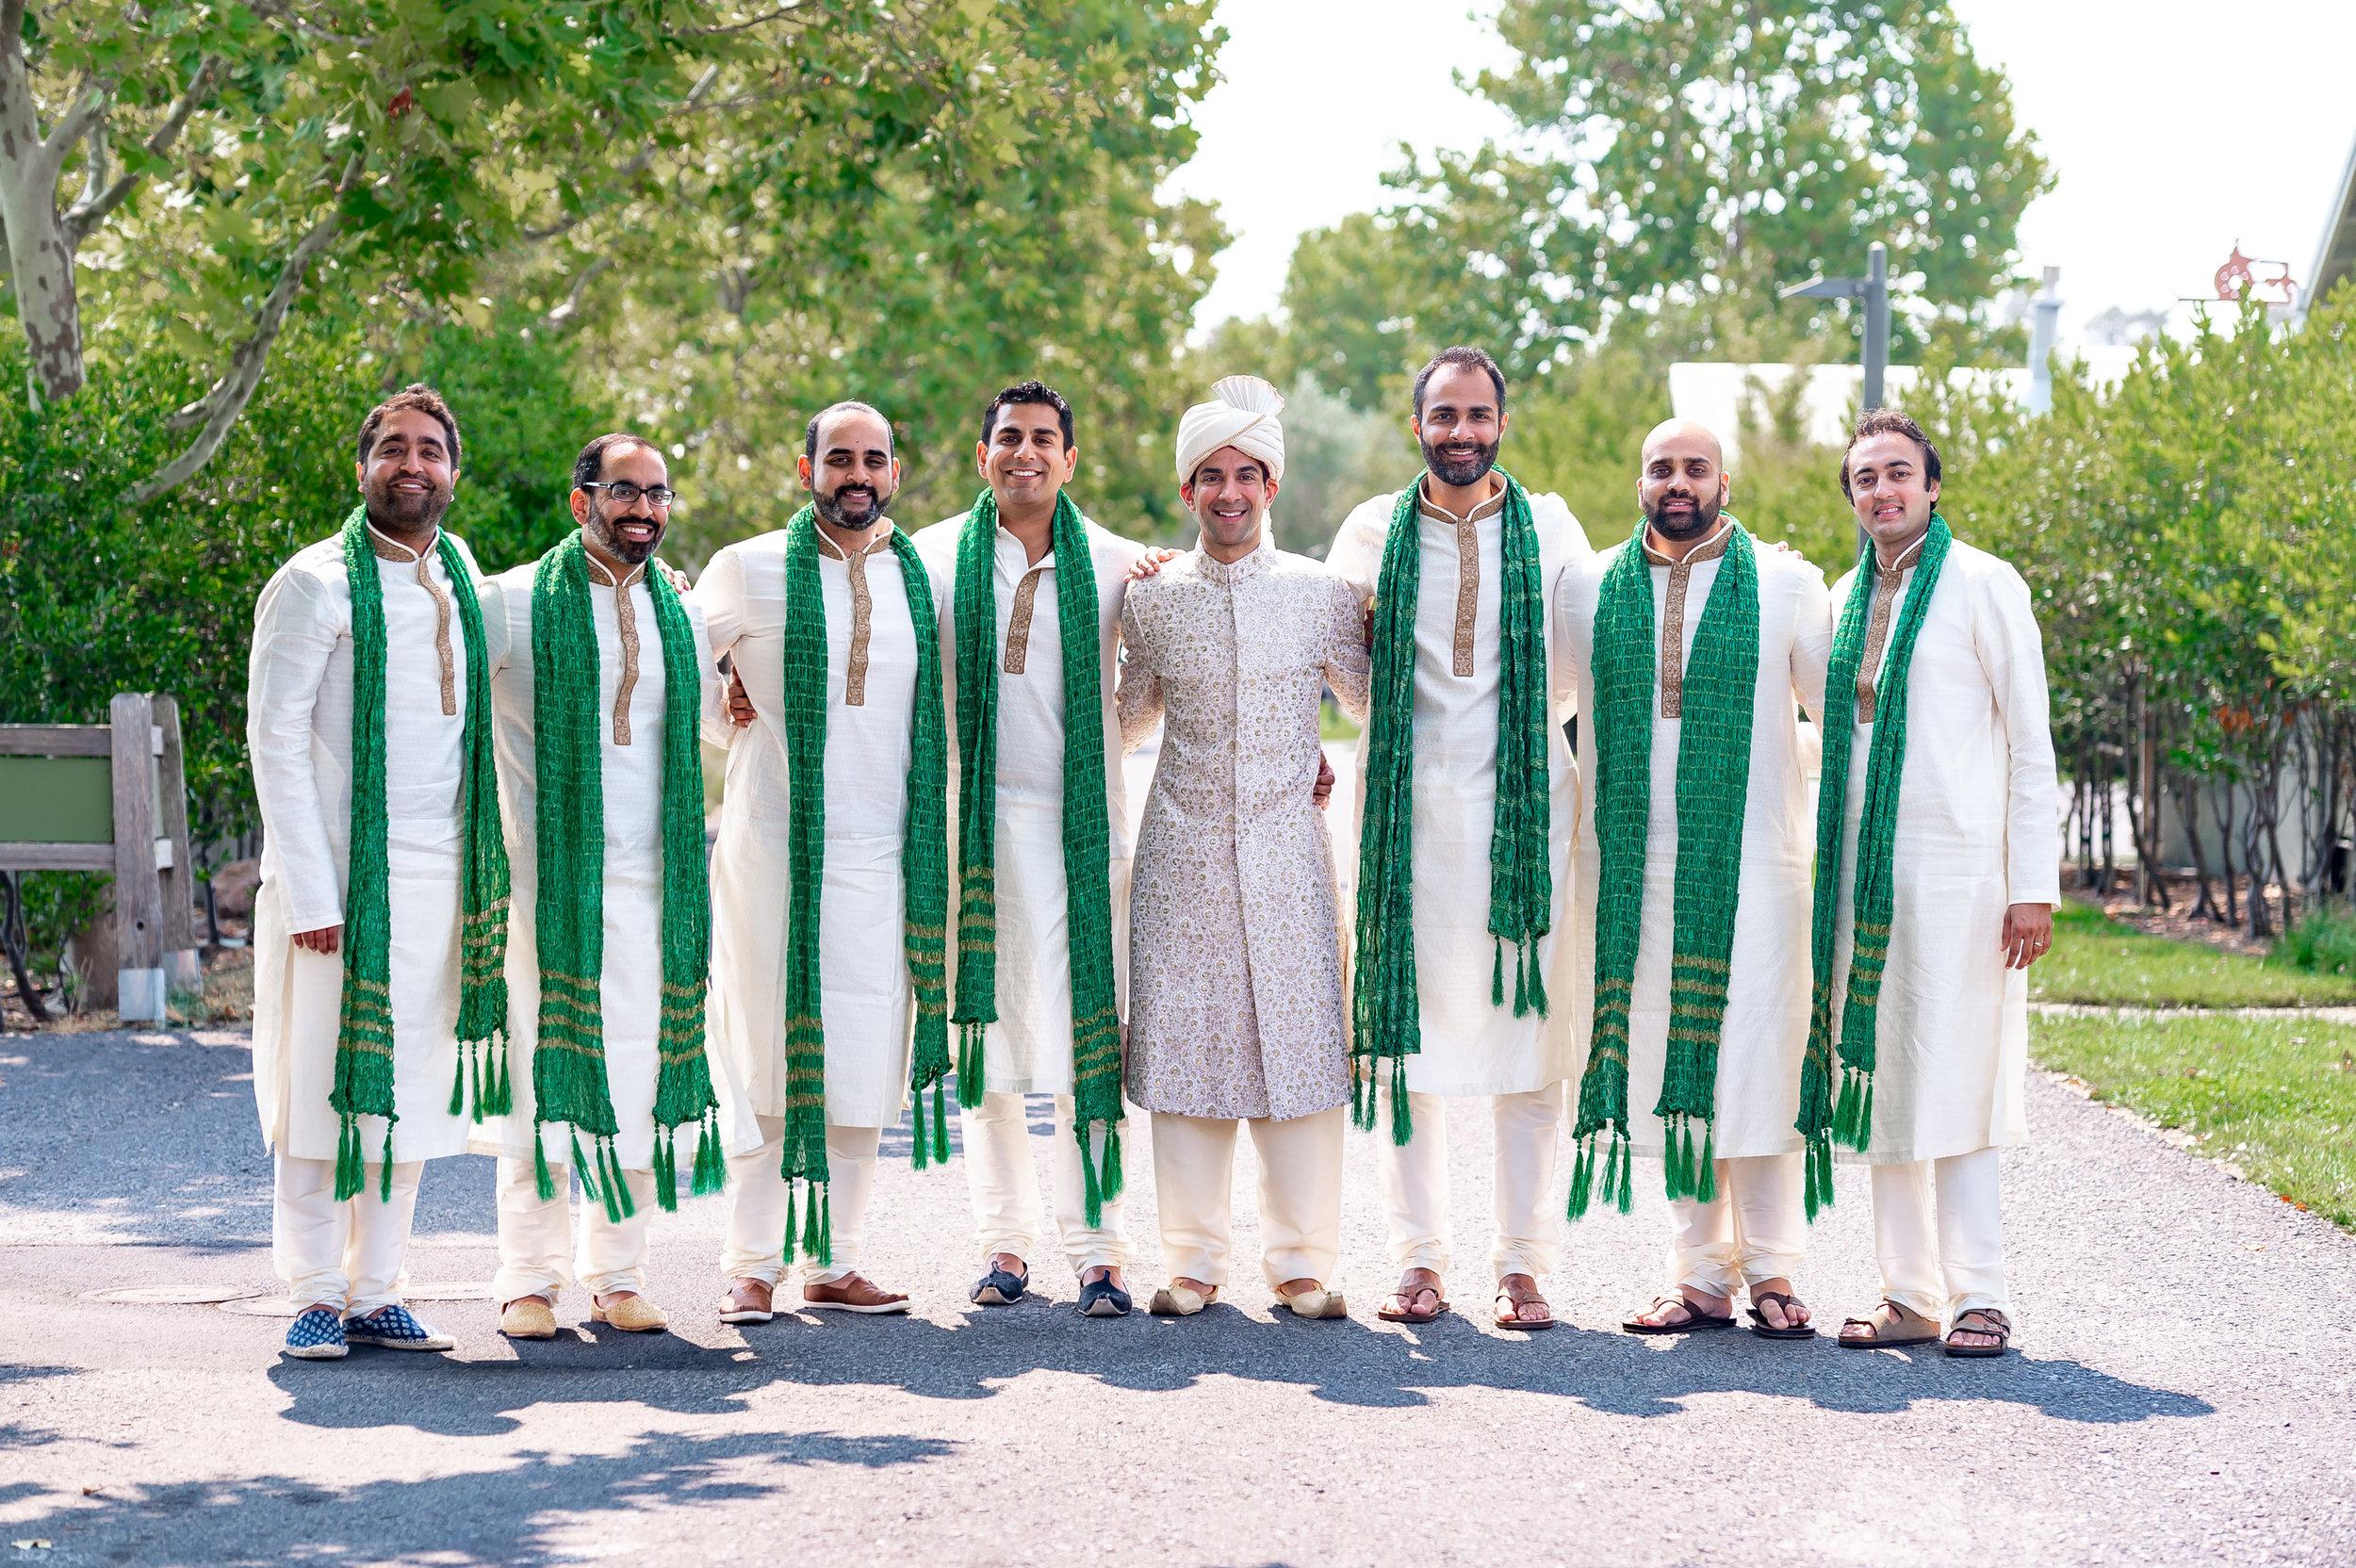 Indian groomsmen